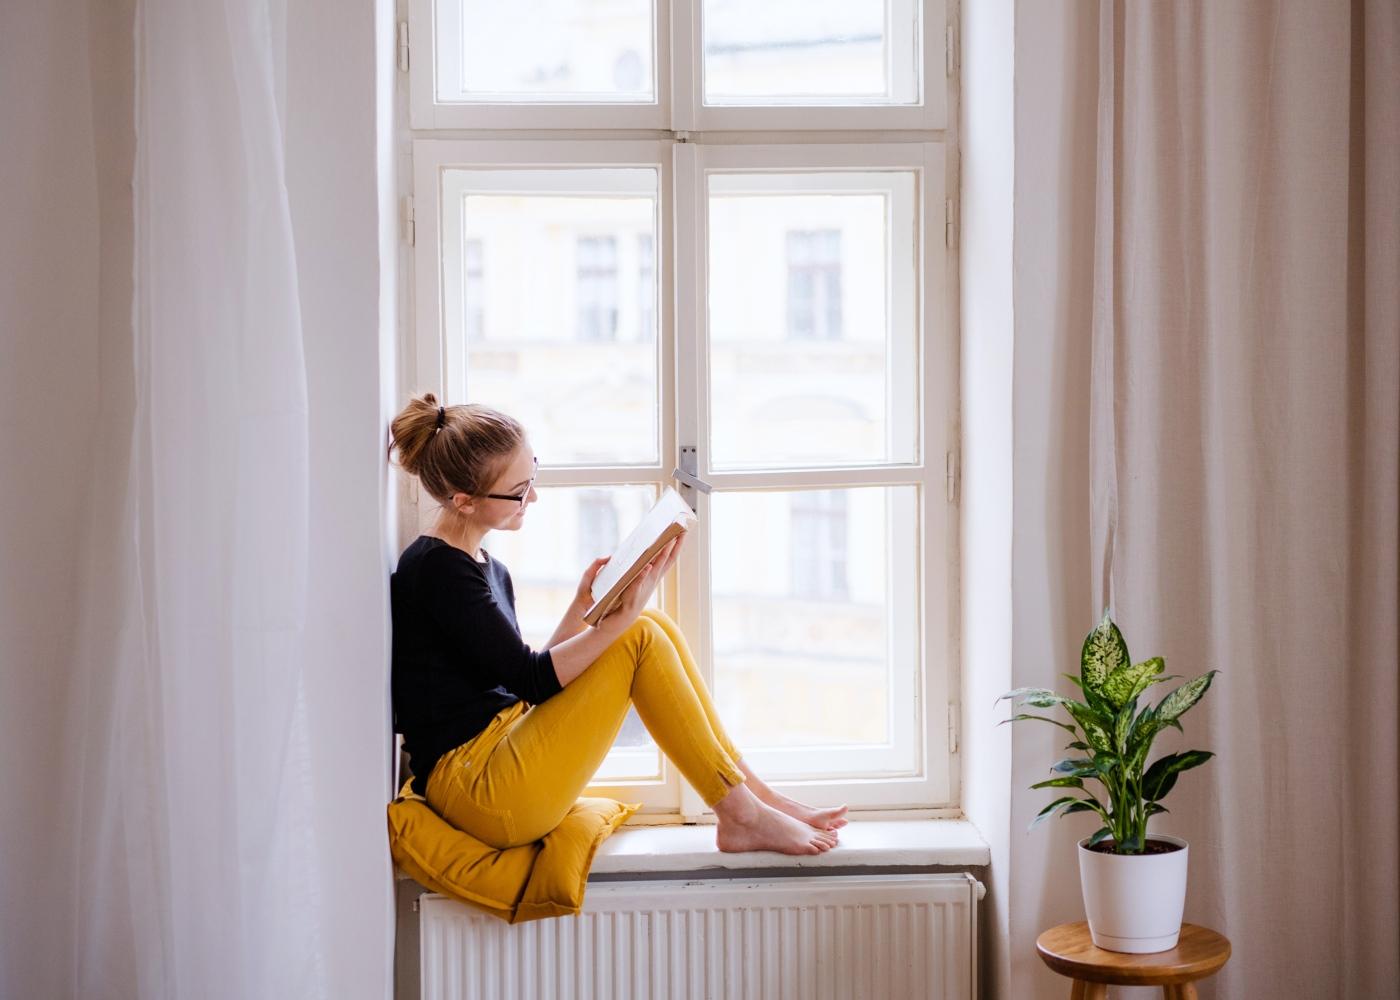 Adolescente a ler um livro no parapeito da janela